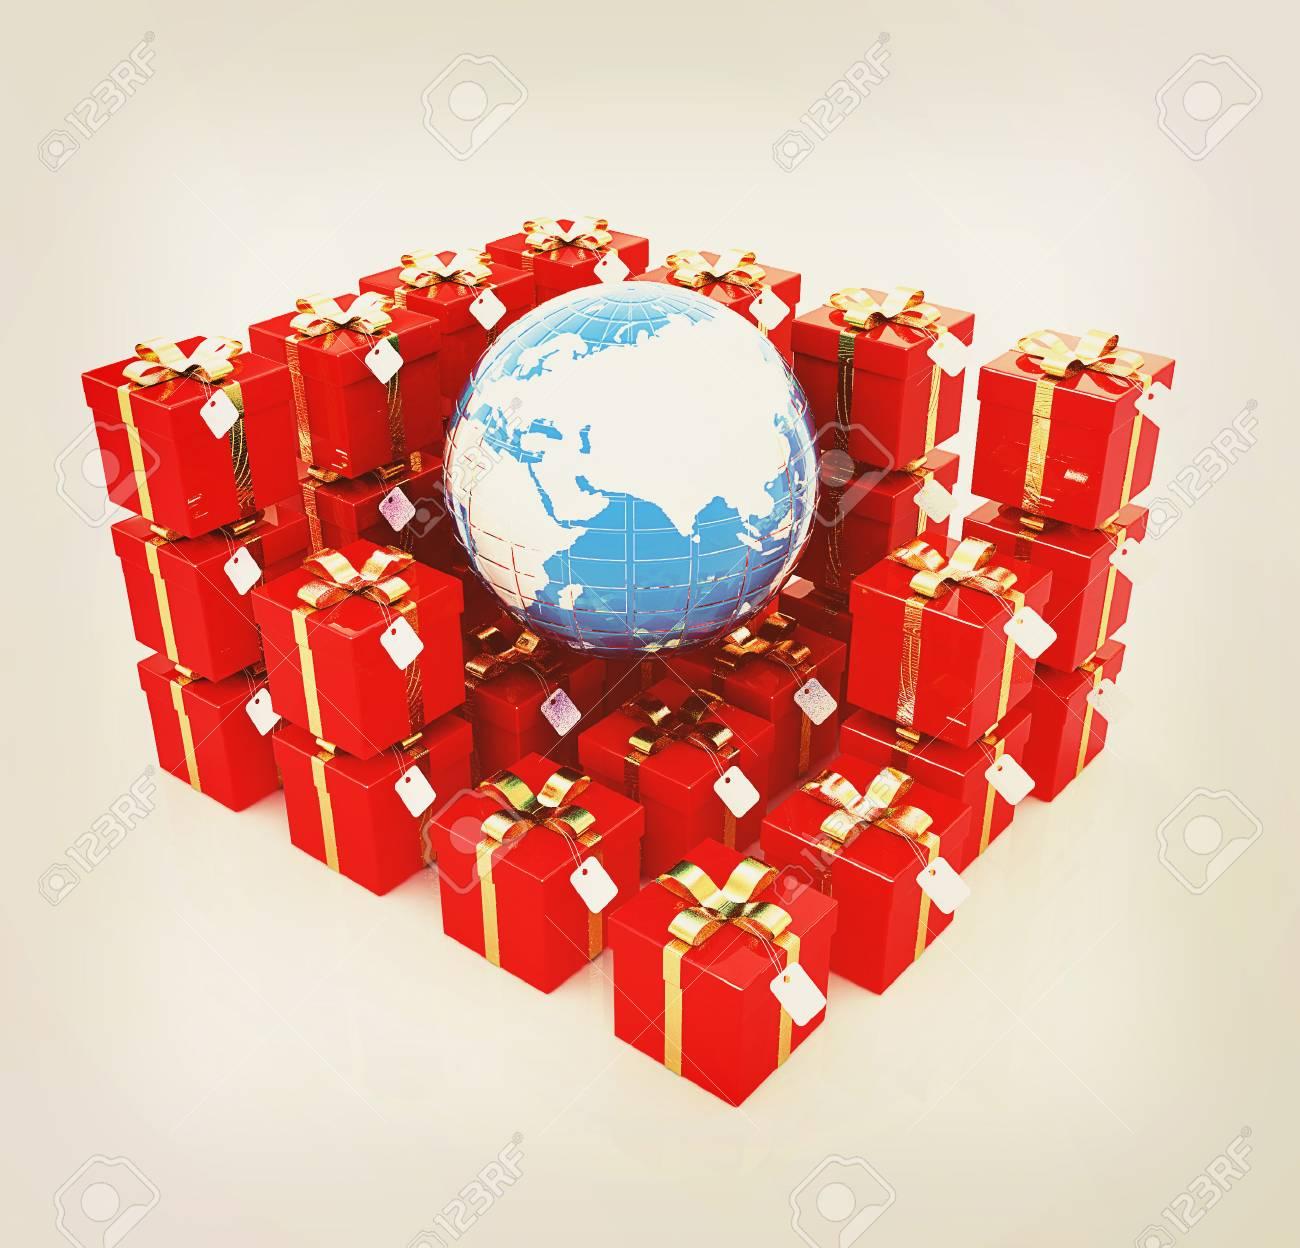 Traditionelle Weihnachtsgeschenke.Traditionelle Weihnachtsgeschenke Und Erde Auf Einem Weißen